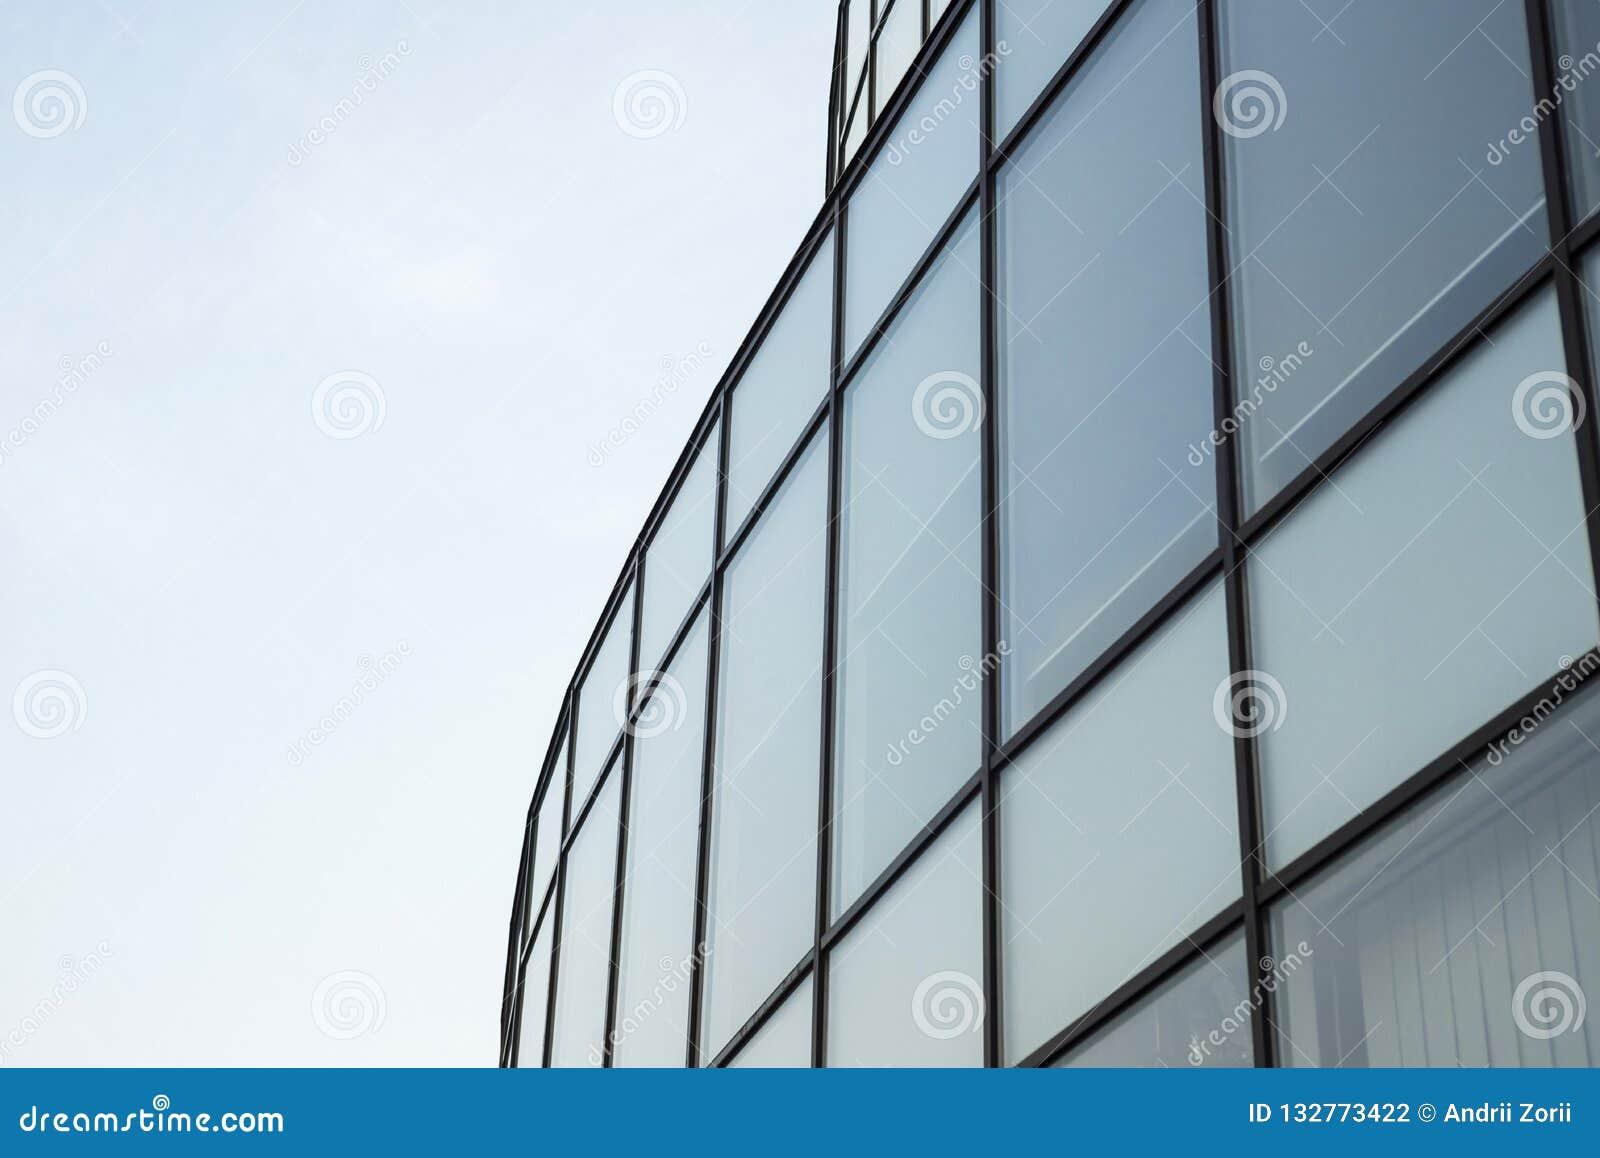 Pared de cristal del edificio moderno Fondo abstracto urbano, detalle de la fachada de cristal moderna, edificio del negocio de l